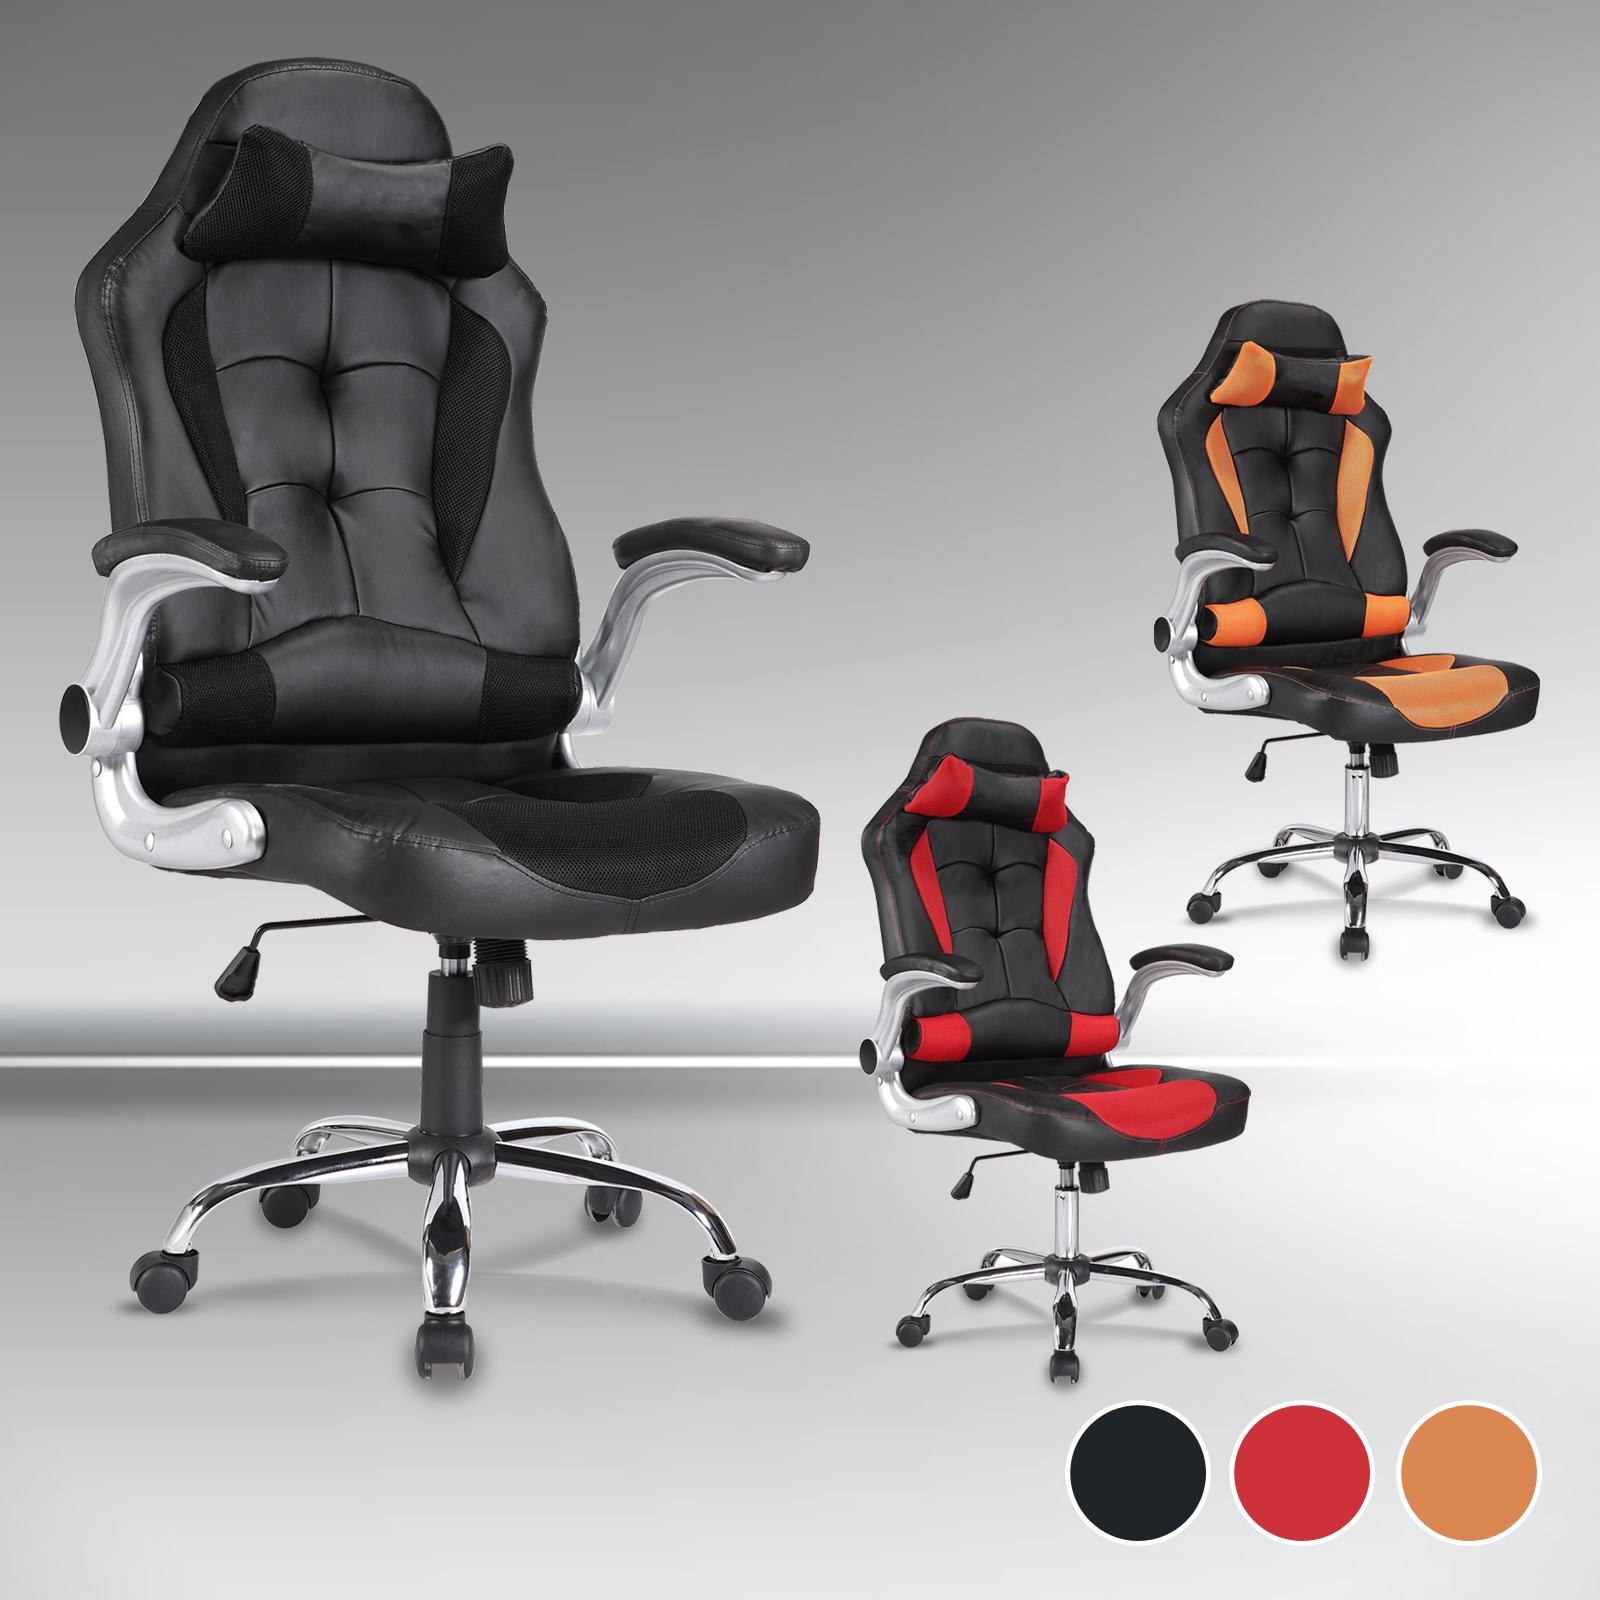 uenjoy gaming stuhl racing stuh b rostuhl chefsessel drehstuhl computer stuhl ebay. Black Bedroom Furniture Sets. Home Design Ideas